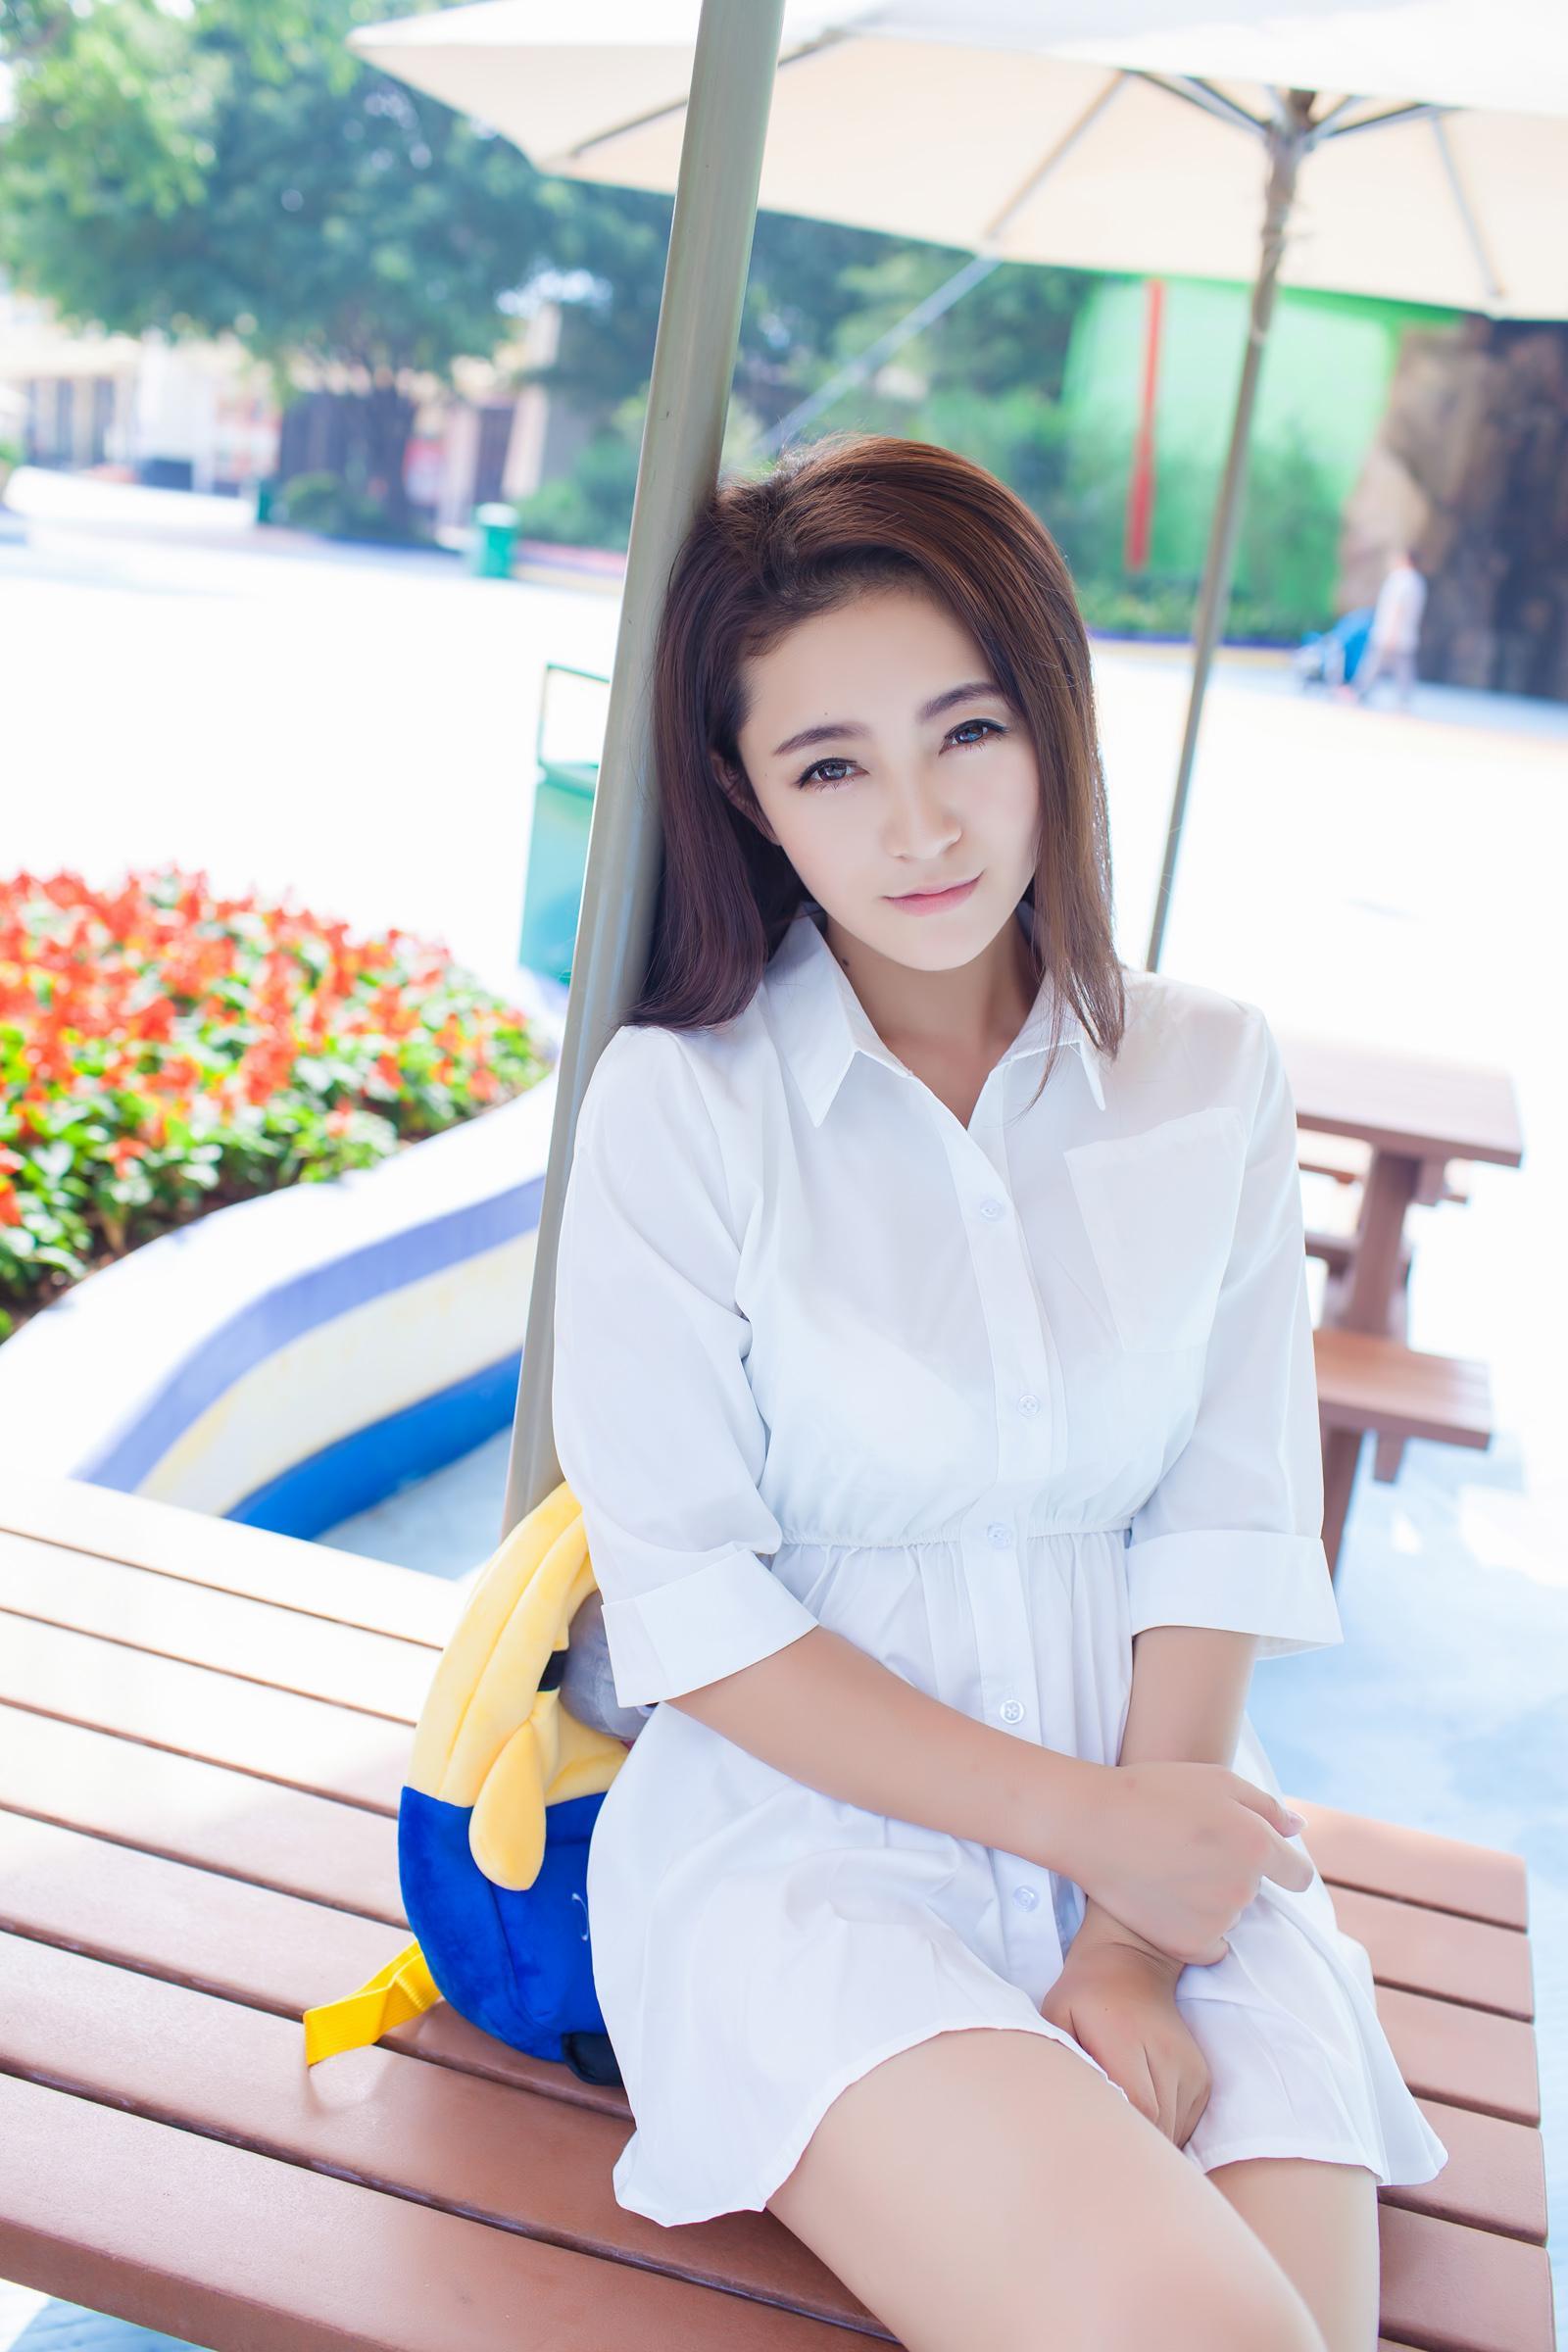 白衬衣美女模特夏茉gigi大胆旅拍美腿写真